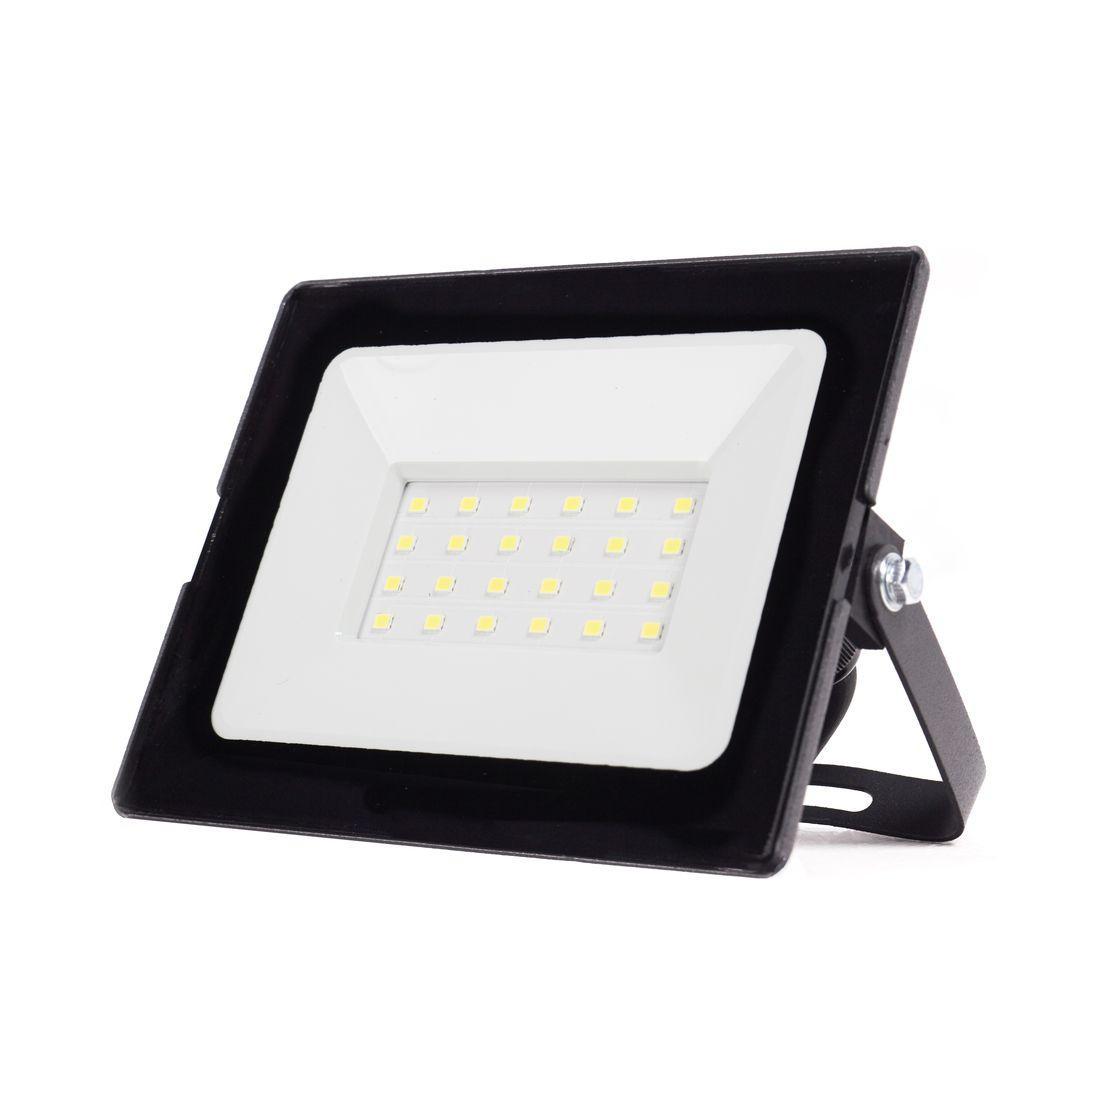 Прожектор LED SMD Ultraflash LFL-3001 C02 (12316) (30Вт., 6500К)